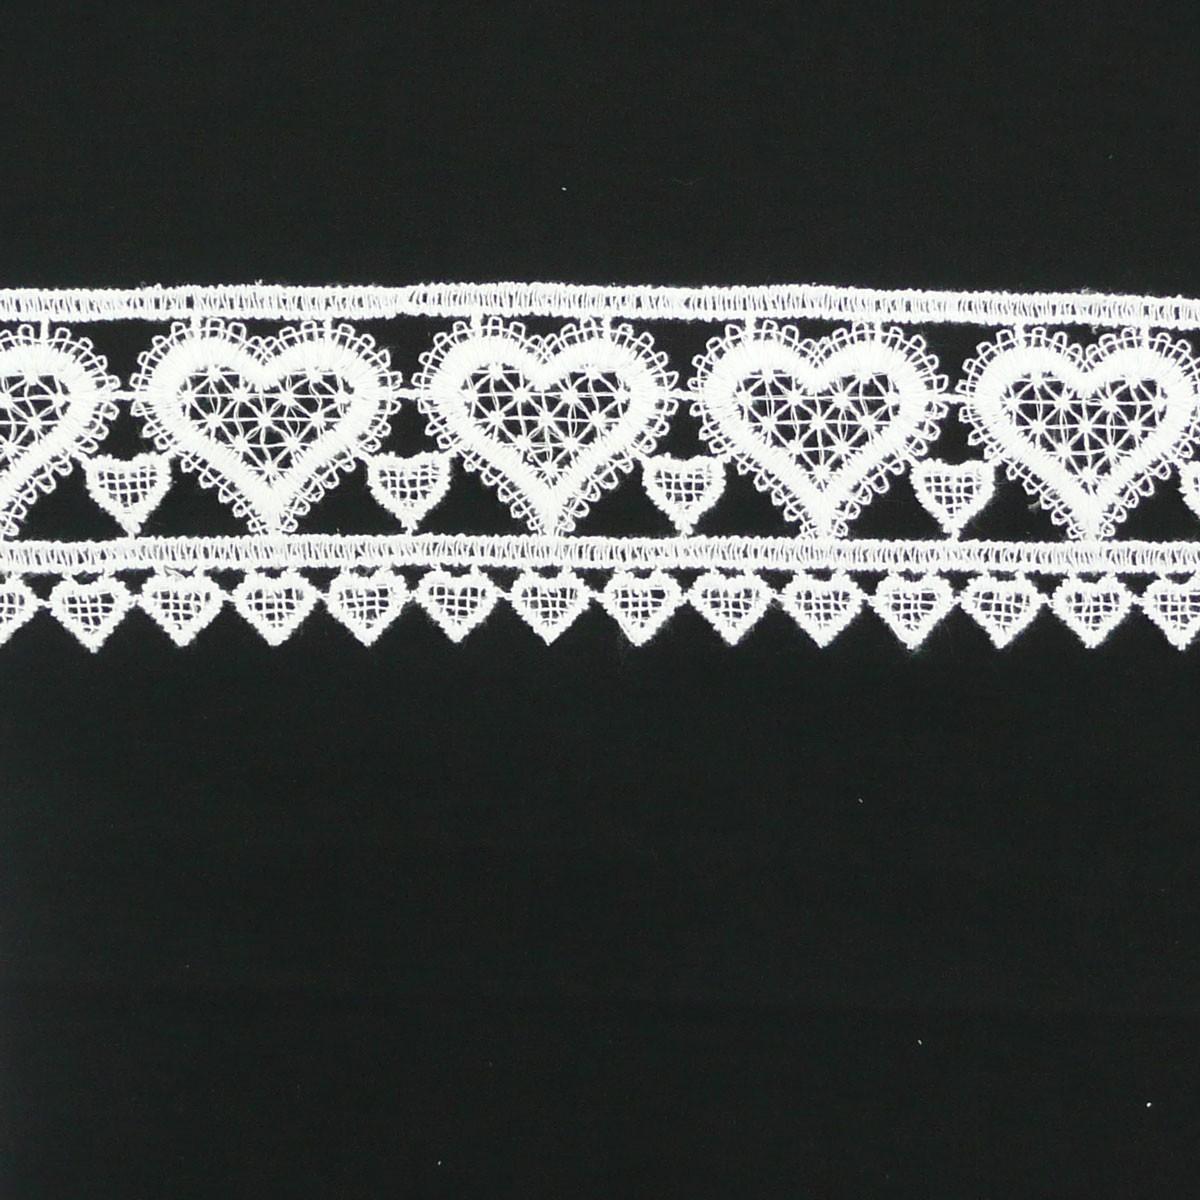 24239-Borte-Spitzenborte-weiss-Herz-gross-und-klein-Mete.jpg